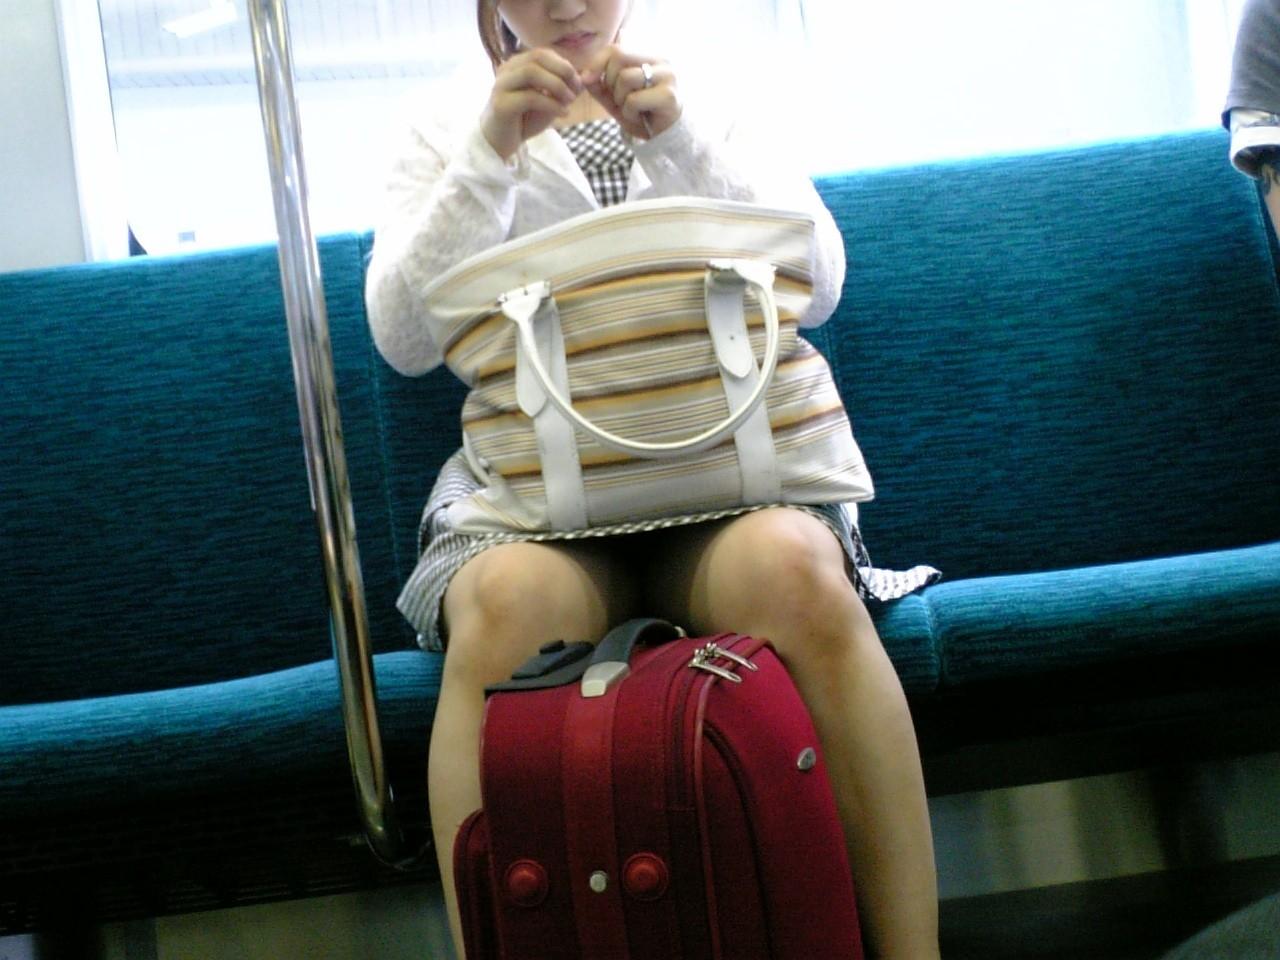 【パンチラエロ画像】電車の対面を制する者は…何もないけど見えたらお得のミニスカチラwww 14